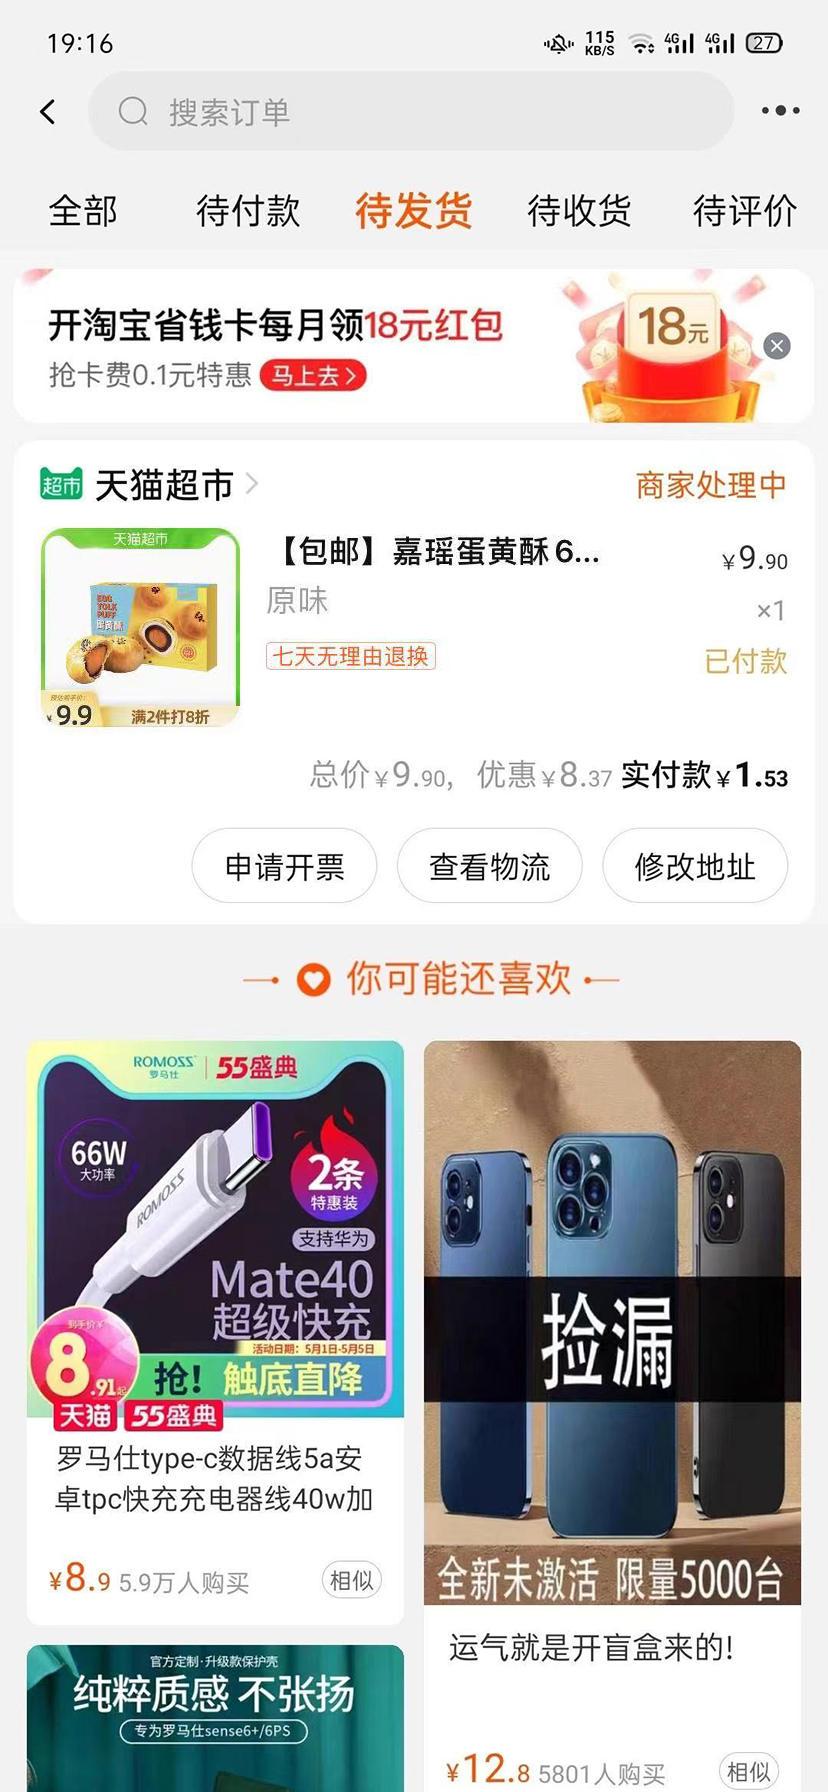 天猫0元购买商品